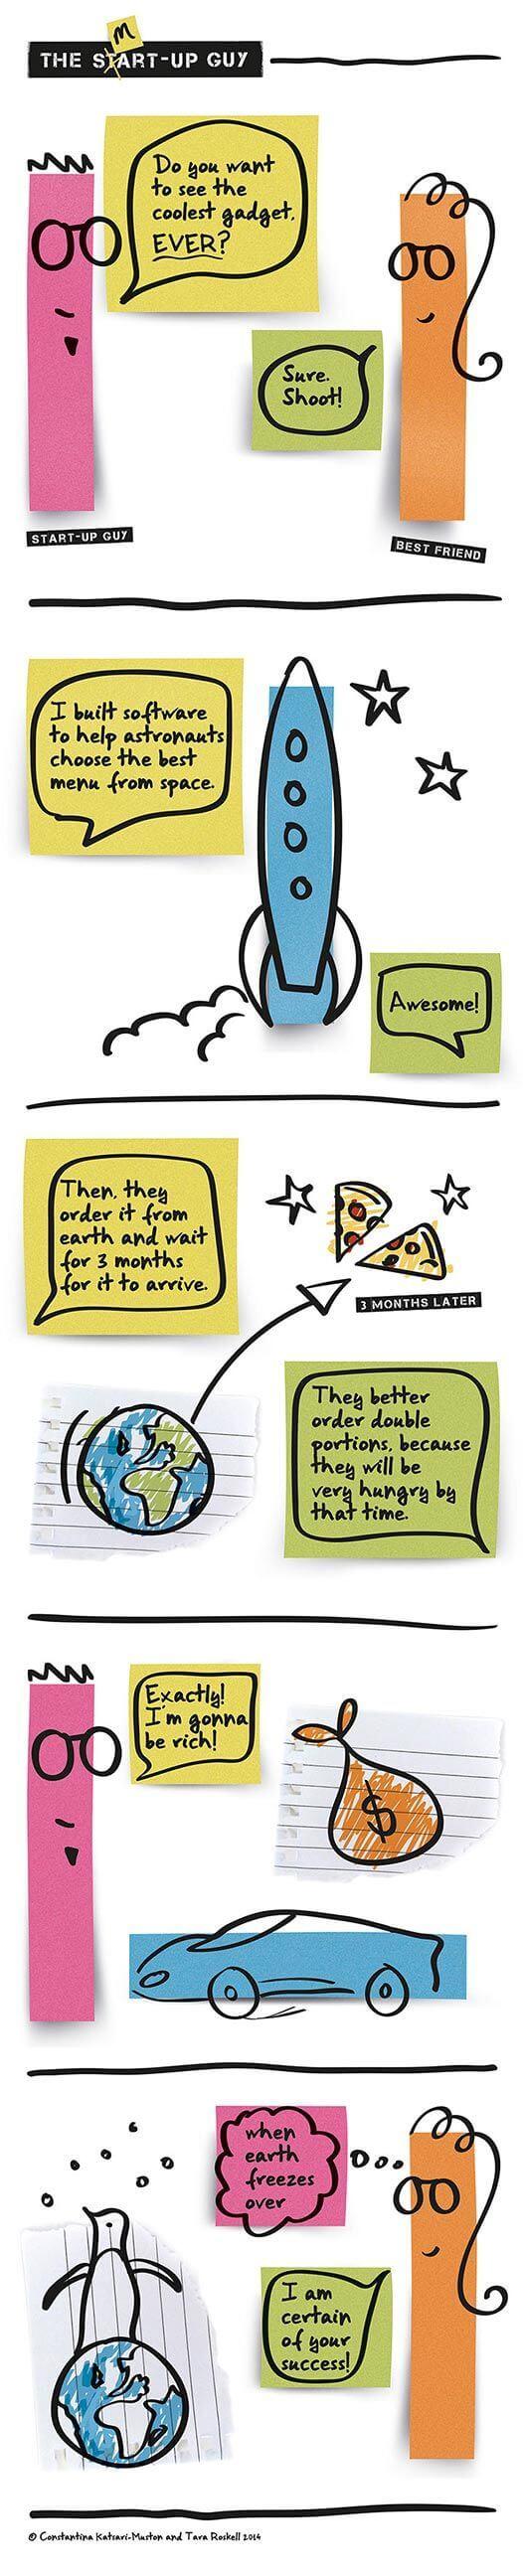 Tara Roskell Startup Cartoon